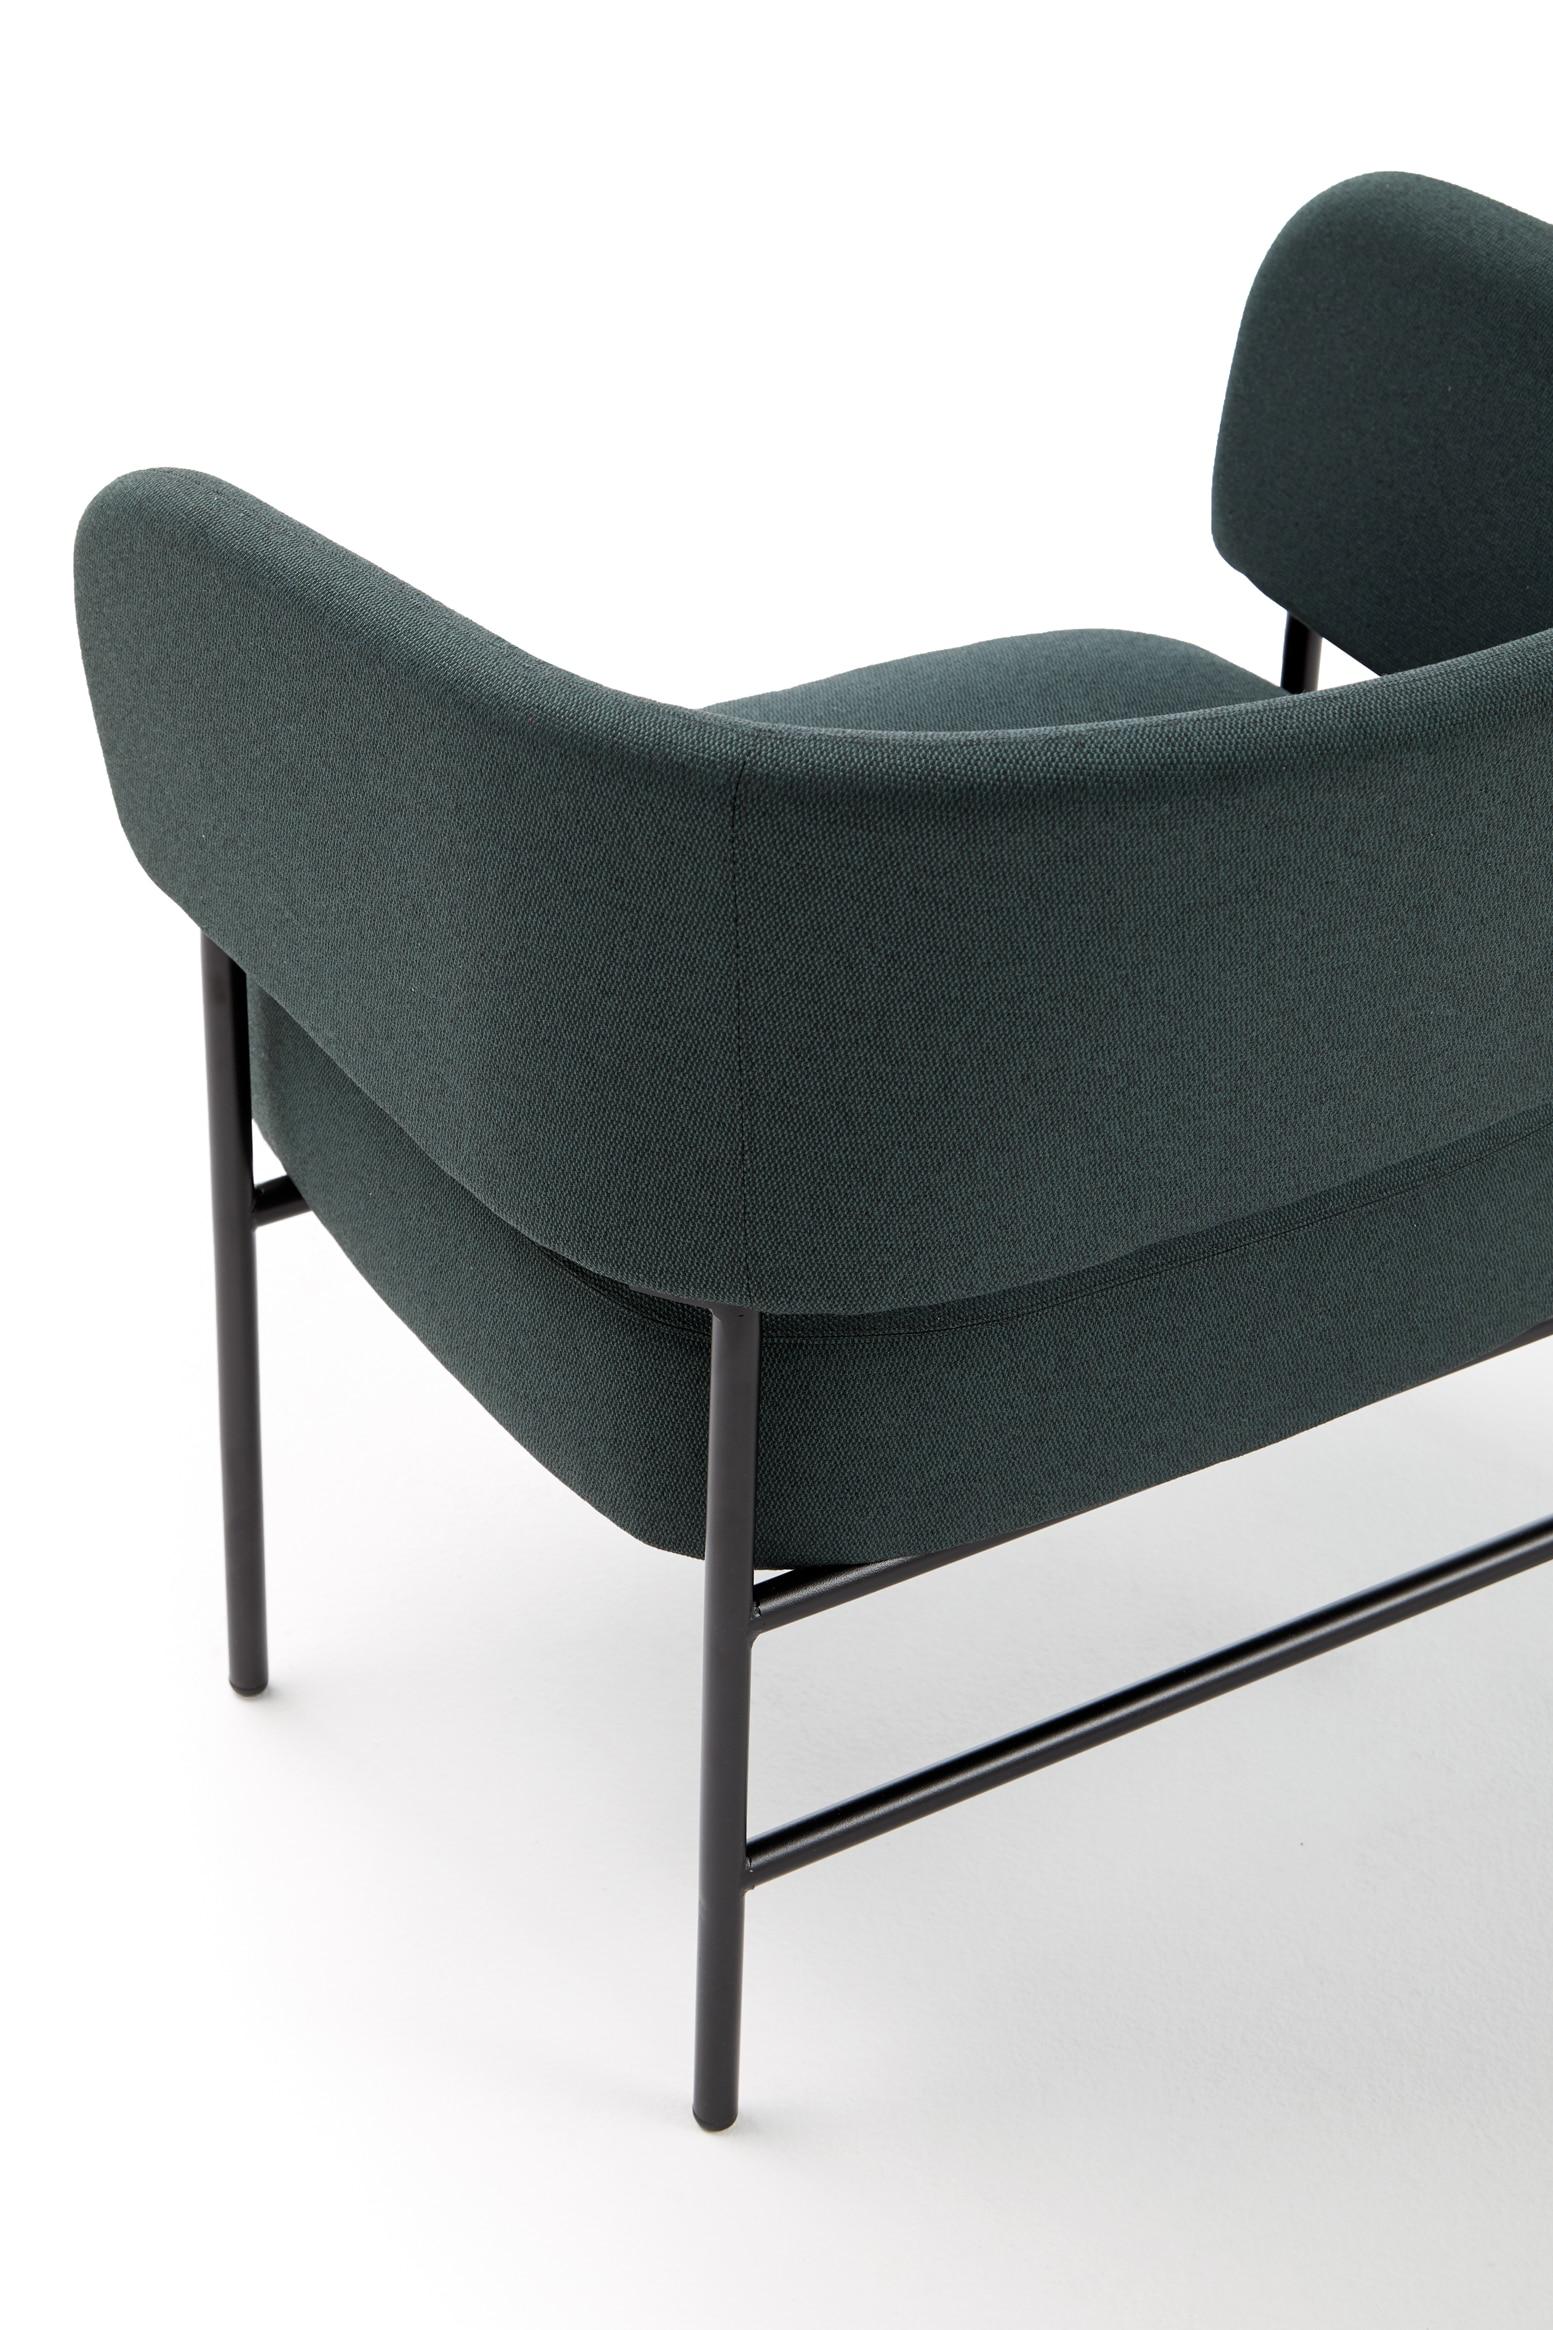 Butaca Easy Chair en el Hotel Casa Grande vista desde la parte trasera con tapizado MAR 68182 y con patas de metal negro F1 lacadas en negro